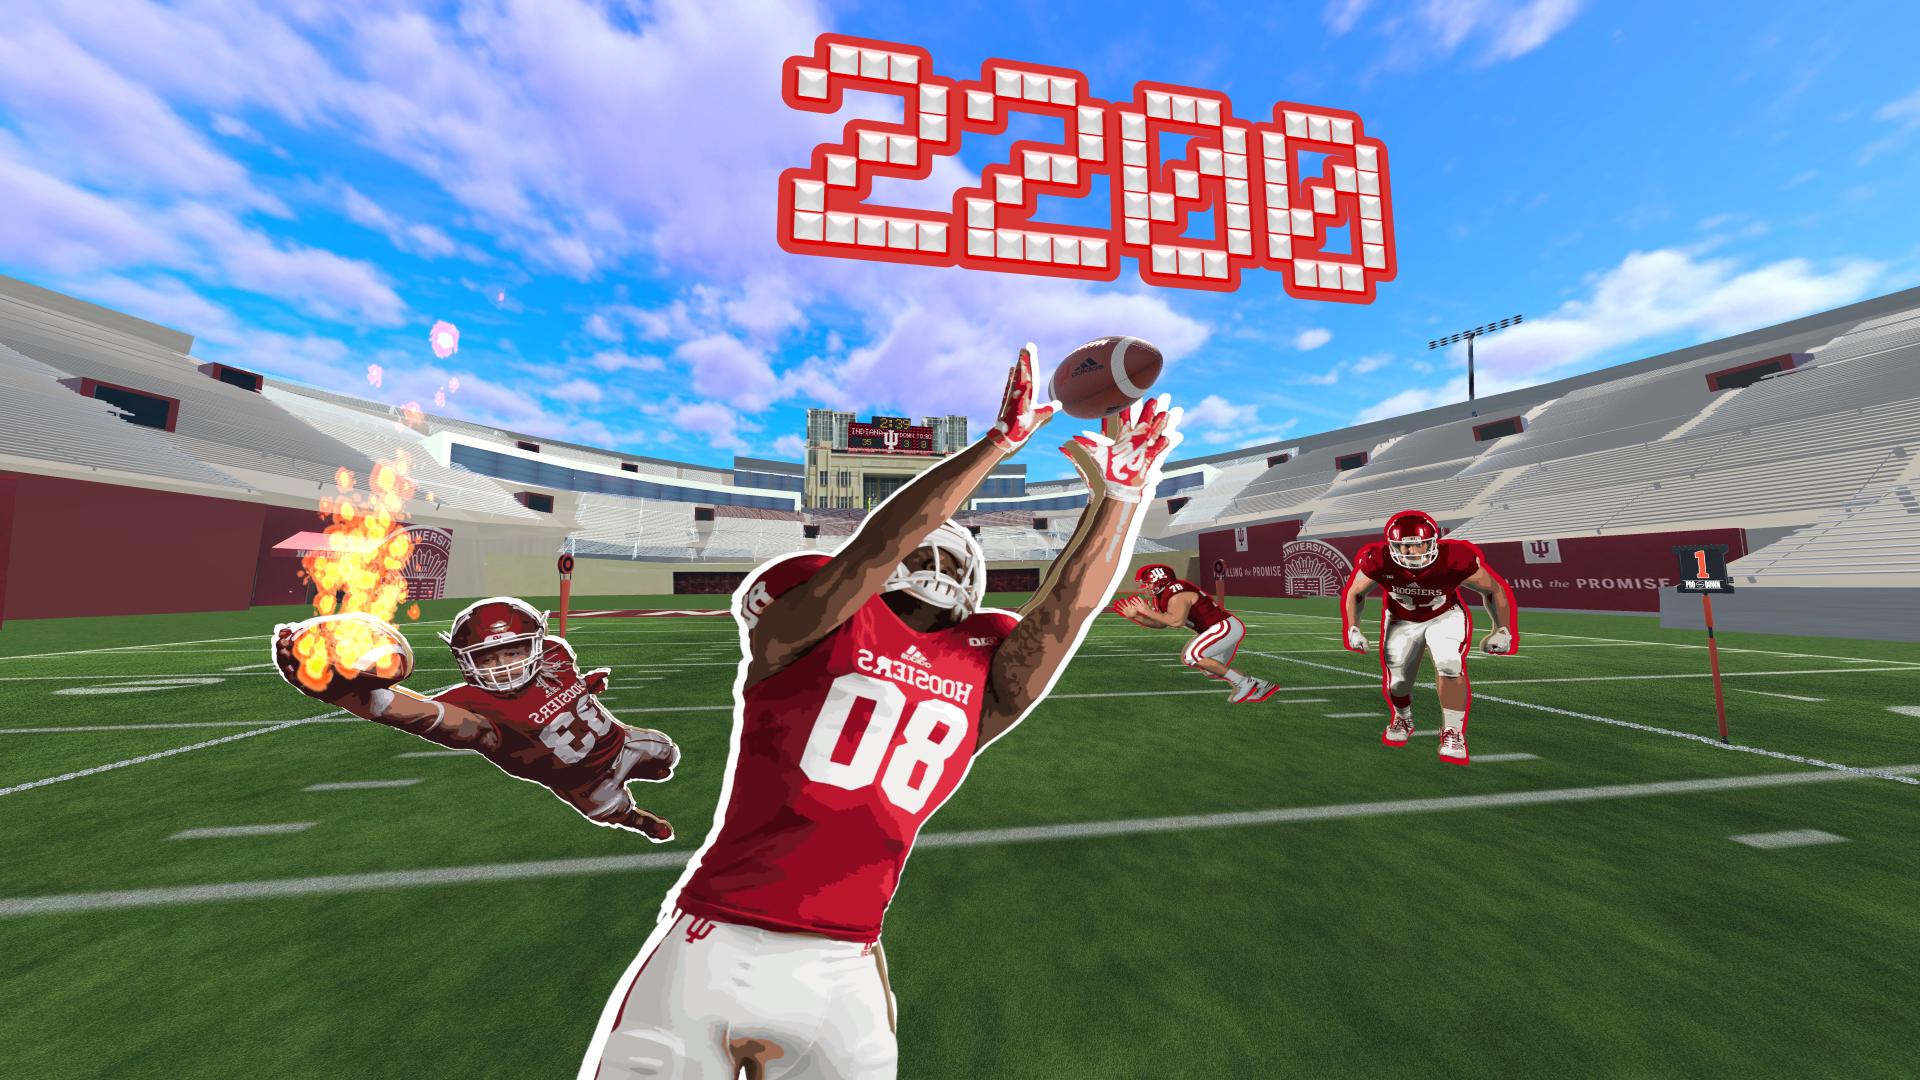 VR Football